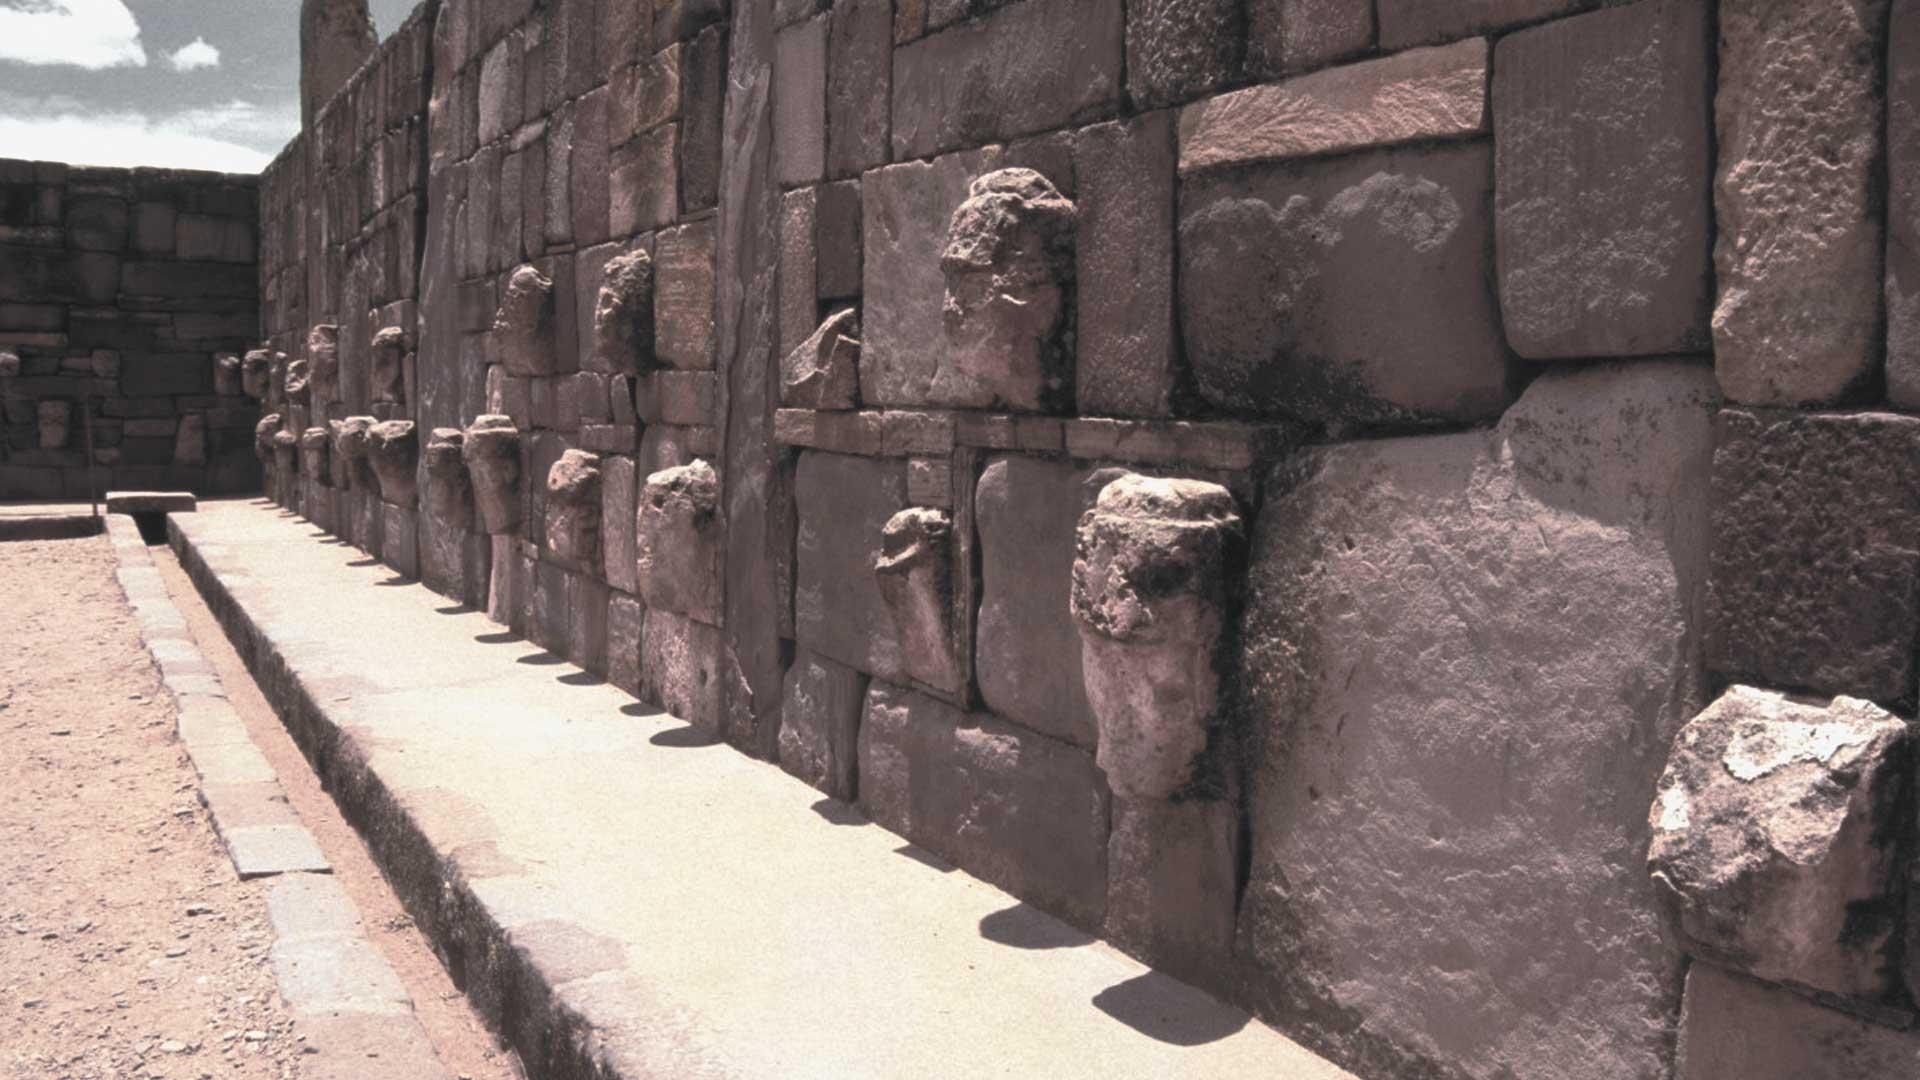 Antiquísima ciudad subterránea y pirámide hallada en Tiahuanaco, ¿reescribirá la historia?